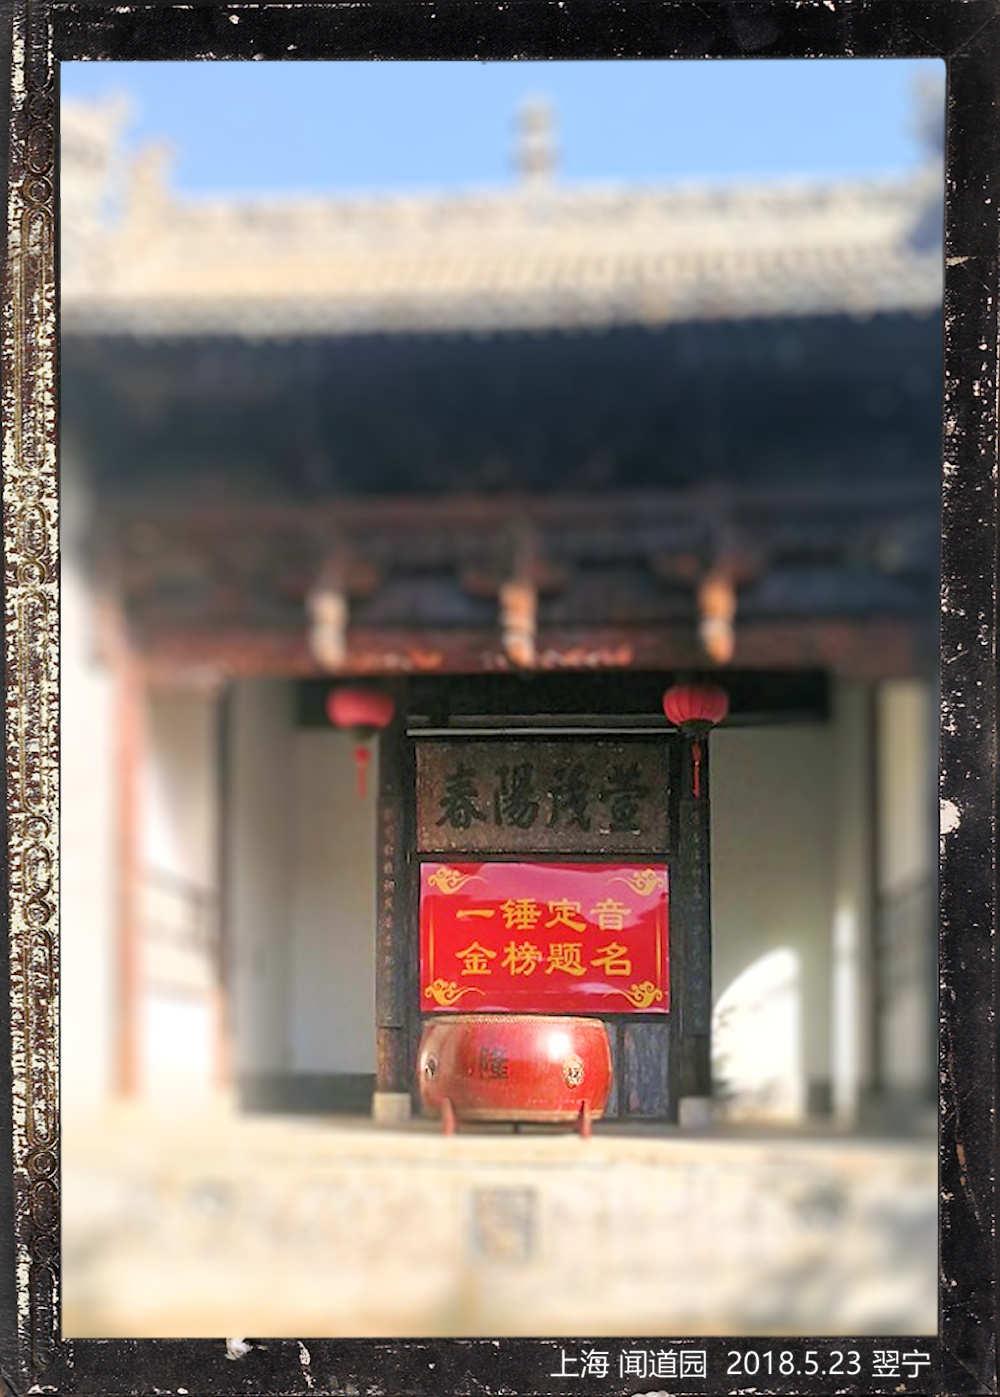 【翌宁】上海WD园 - 4xAce脉脉达 - 4xAce脉脉达